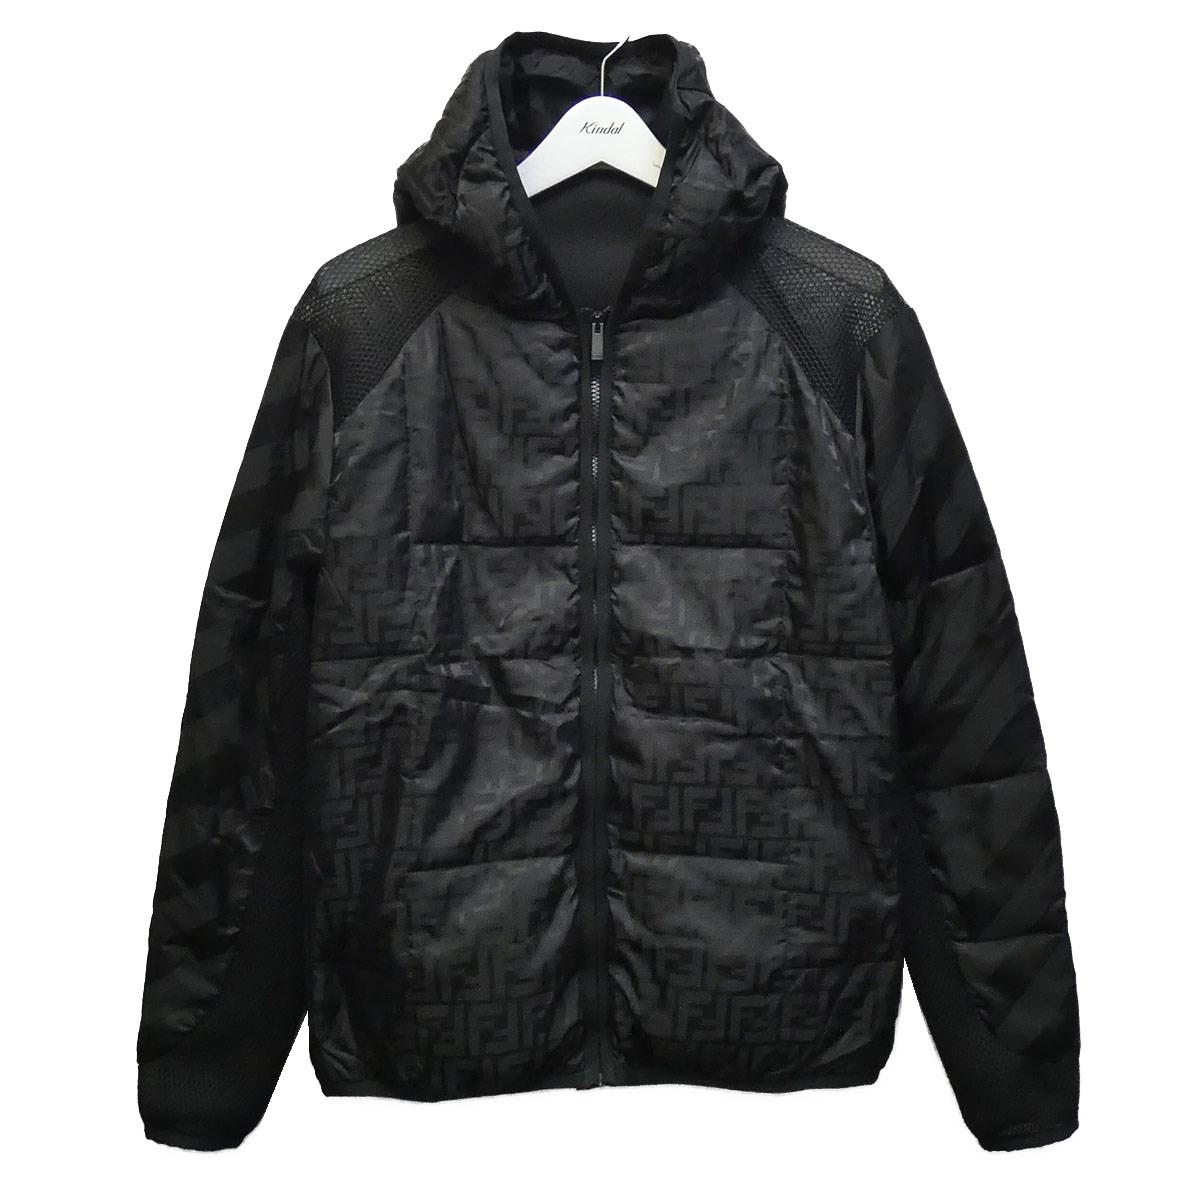 【中古】FENDI 20SS ズッカ柄メッシュ切替ナイロンジャケット ブラック サイズ:46 【050720】(フェンディ)